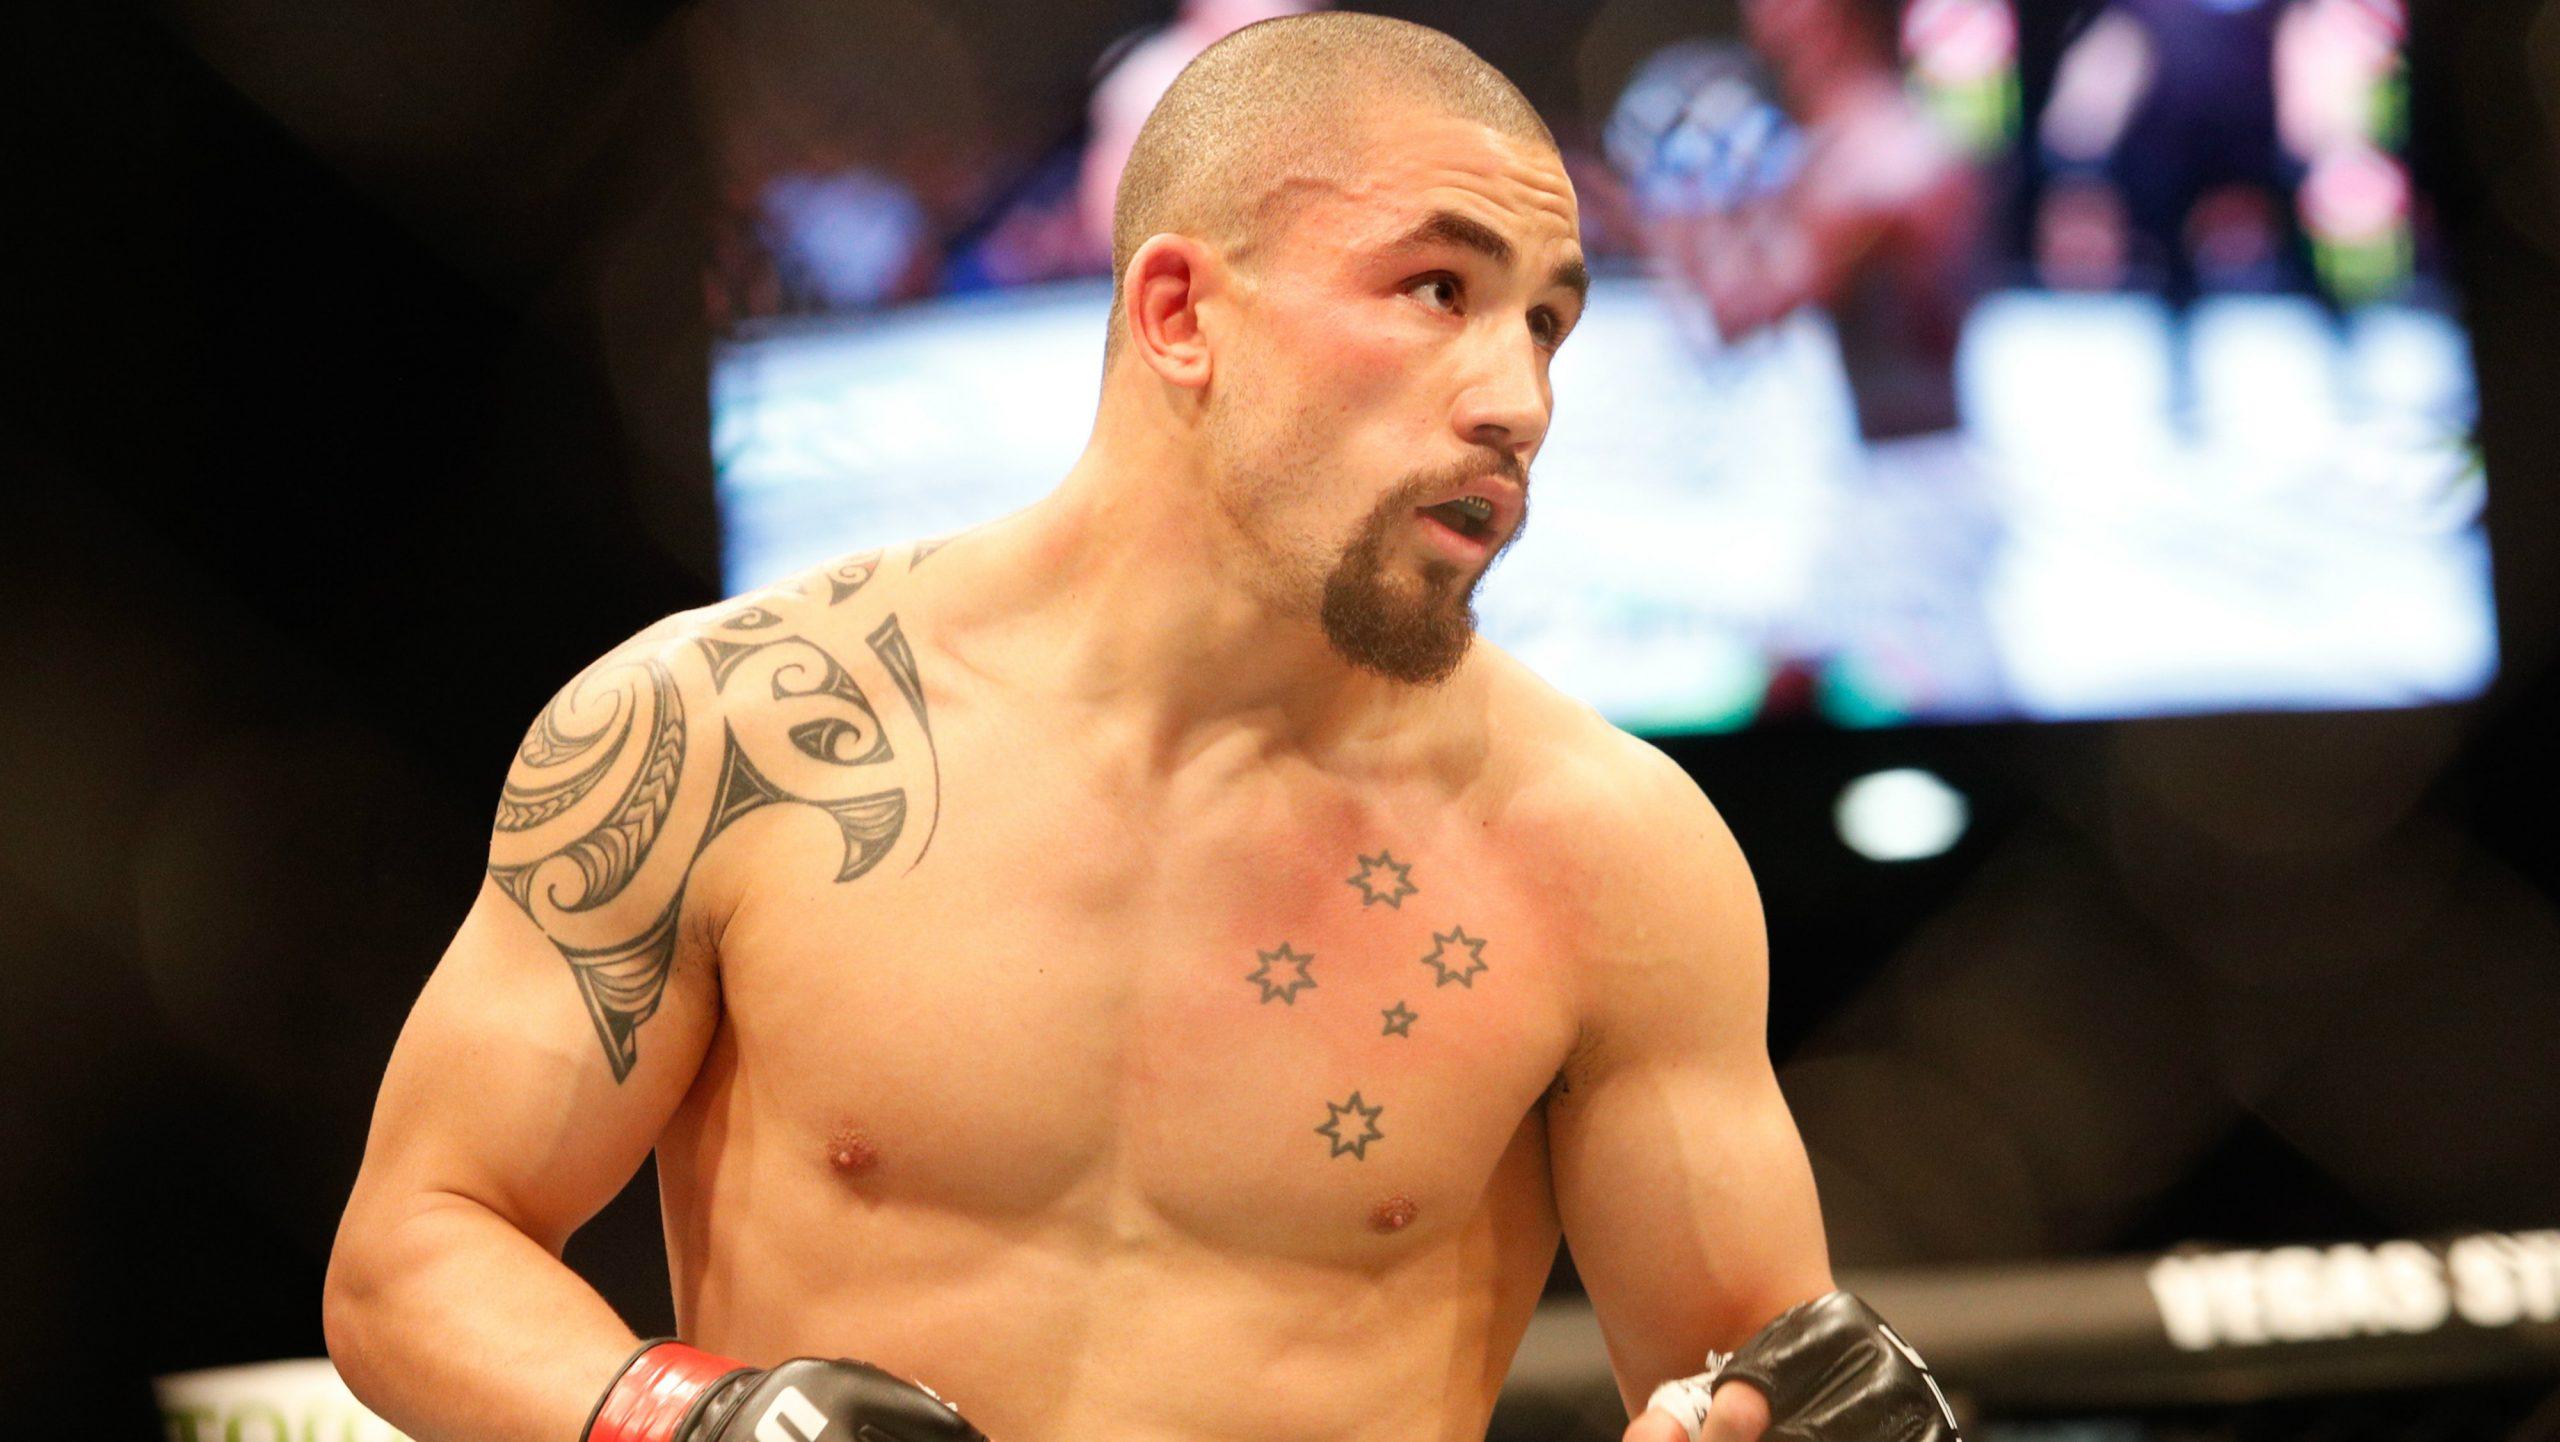 Роберт Уиттакер выразил готовность выступить против Адесаньи или Косты на UFC 253